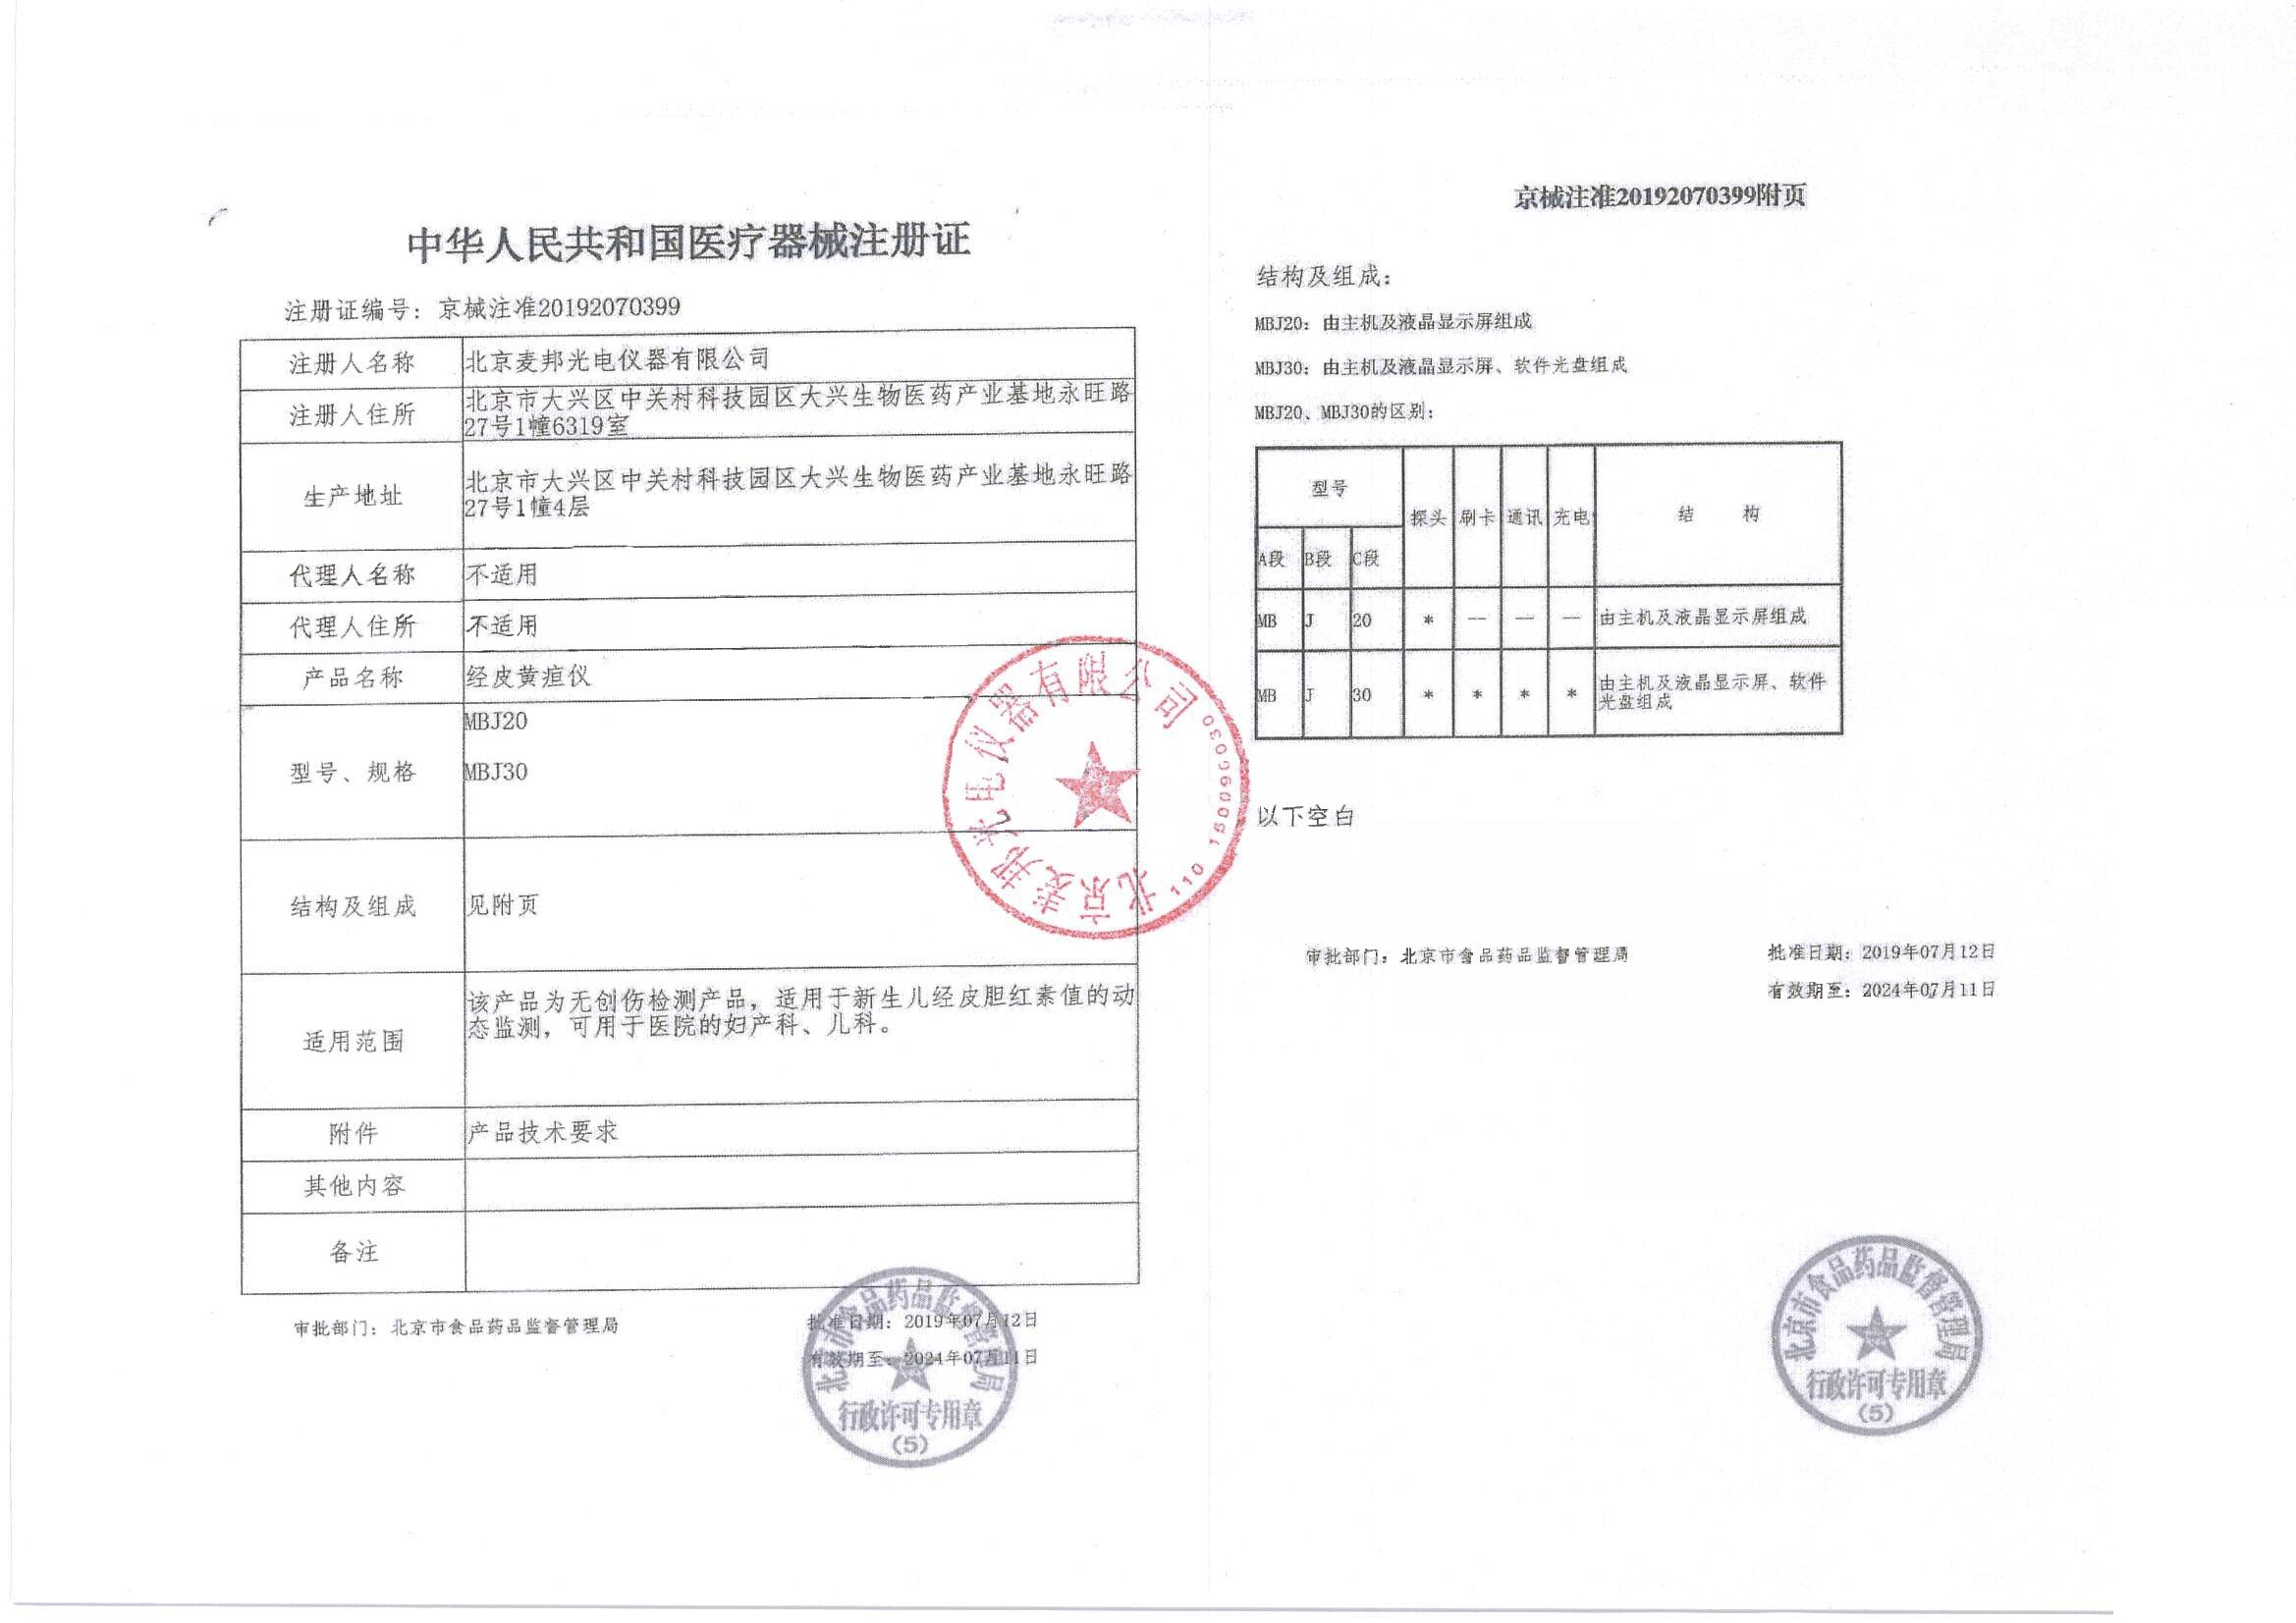 http://file1.alaibao.cn/material/goods/202104/0045b5aeeb79488388746b2886a1c59a.jpg